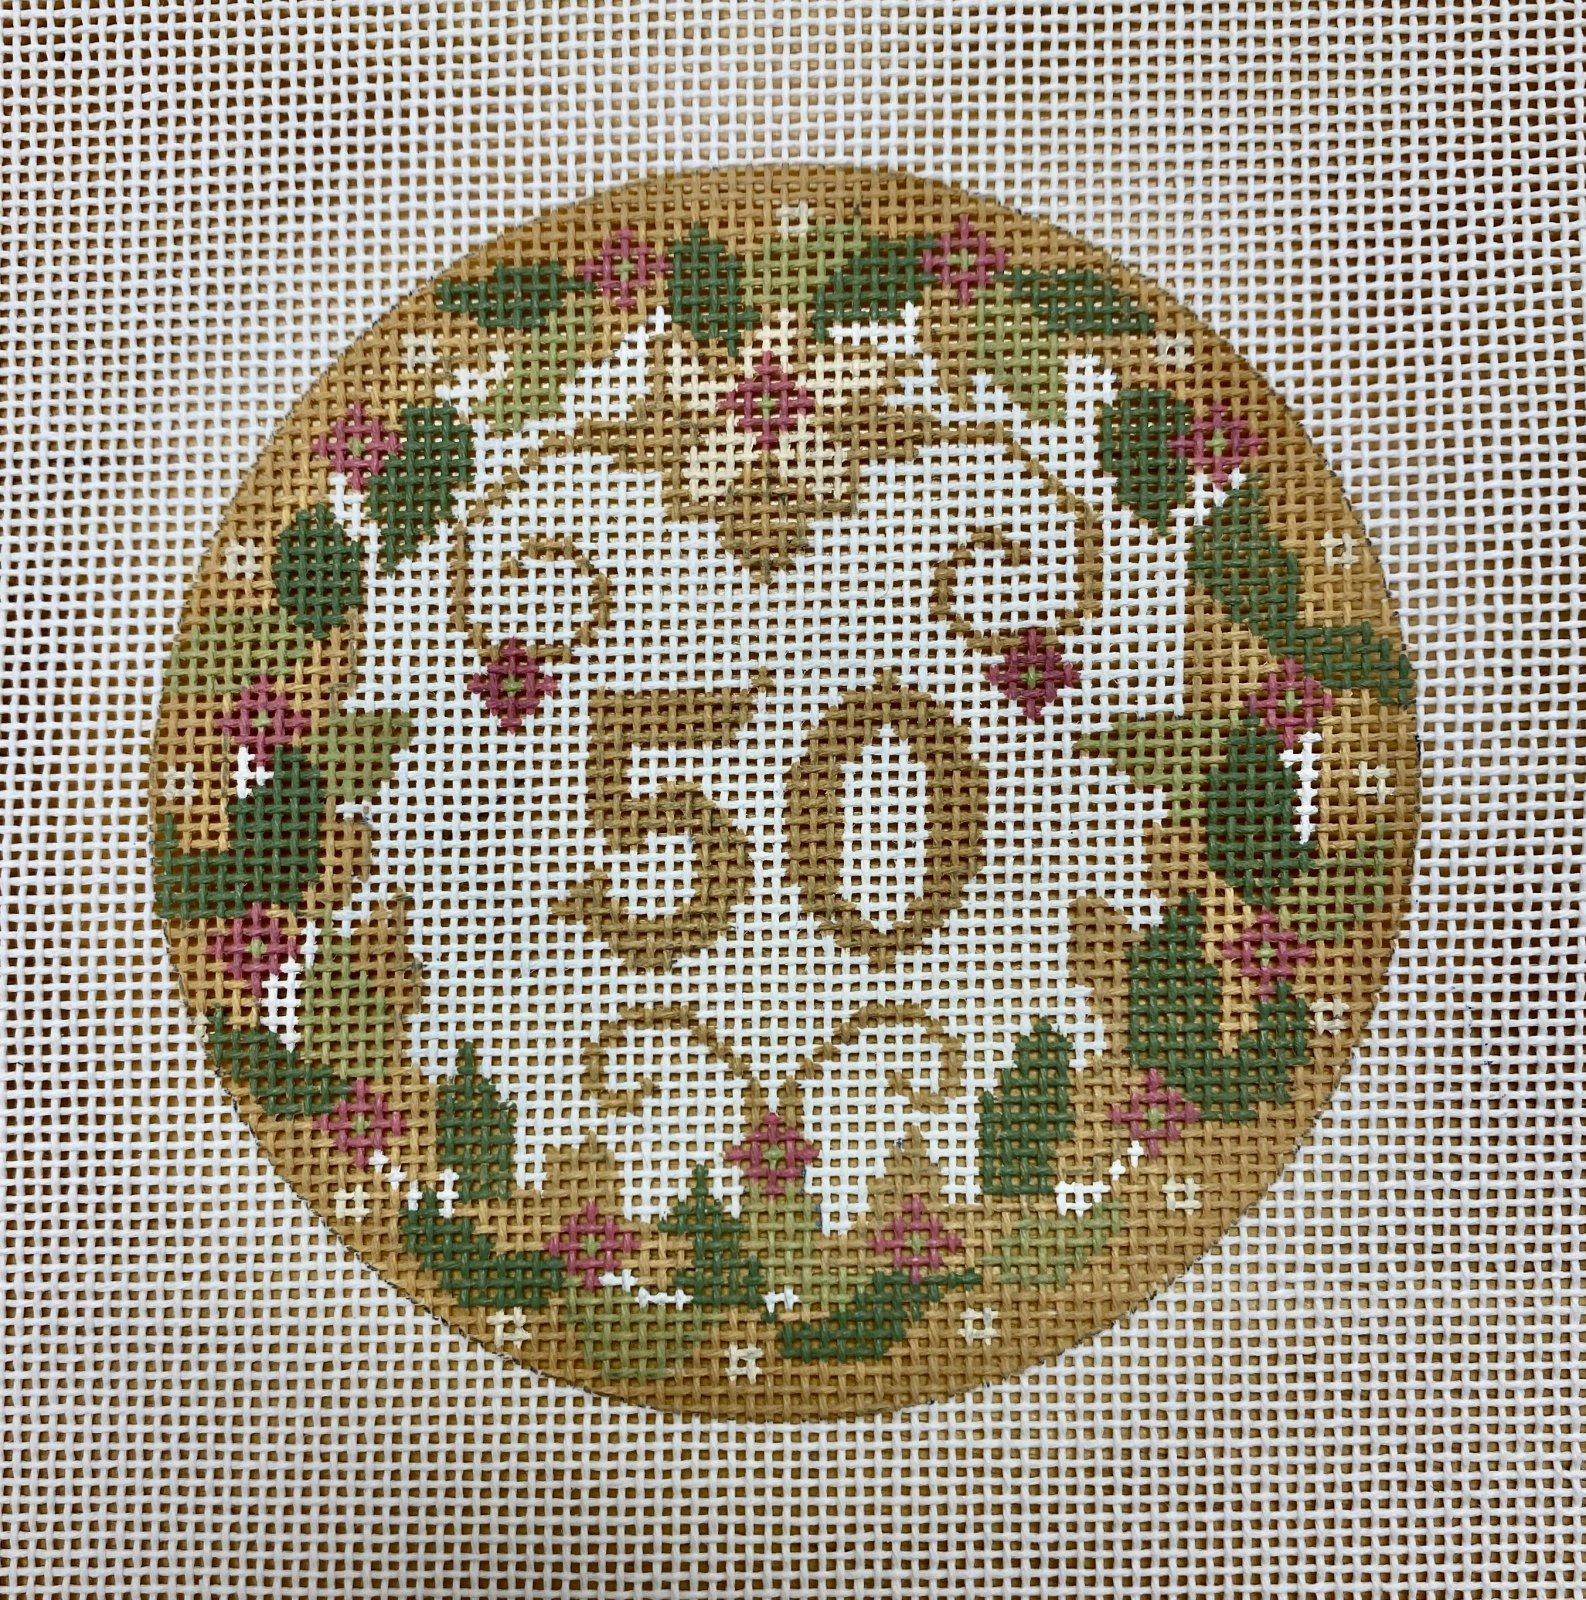 50th anniversary round